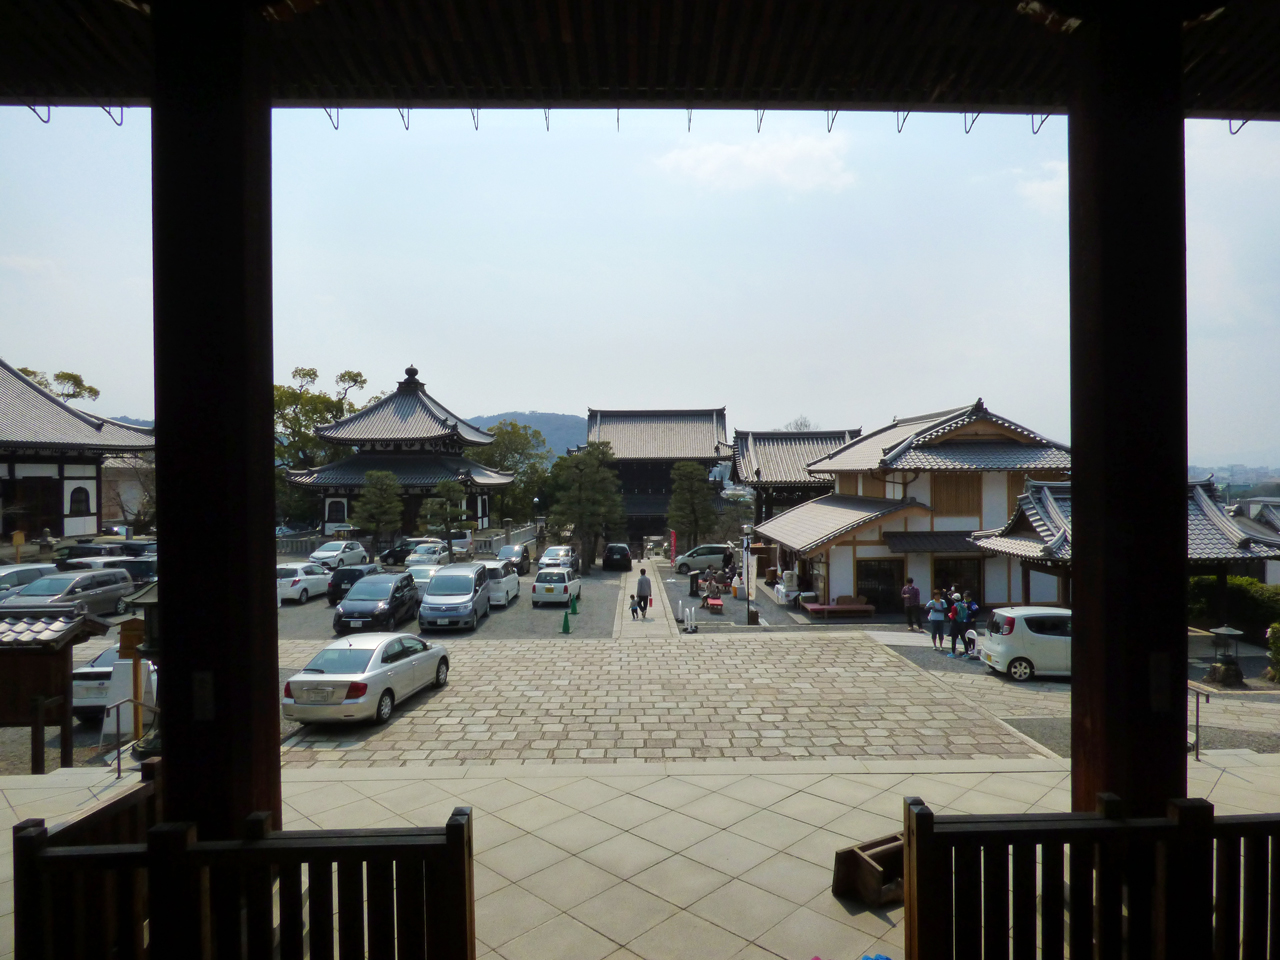 金戒光明寺の境内と駐車場